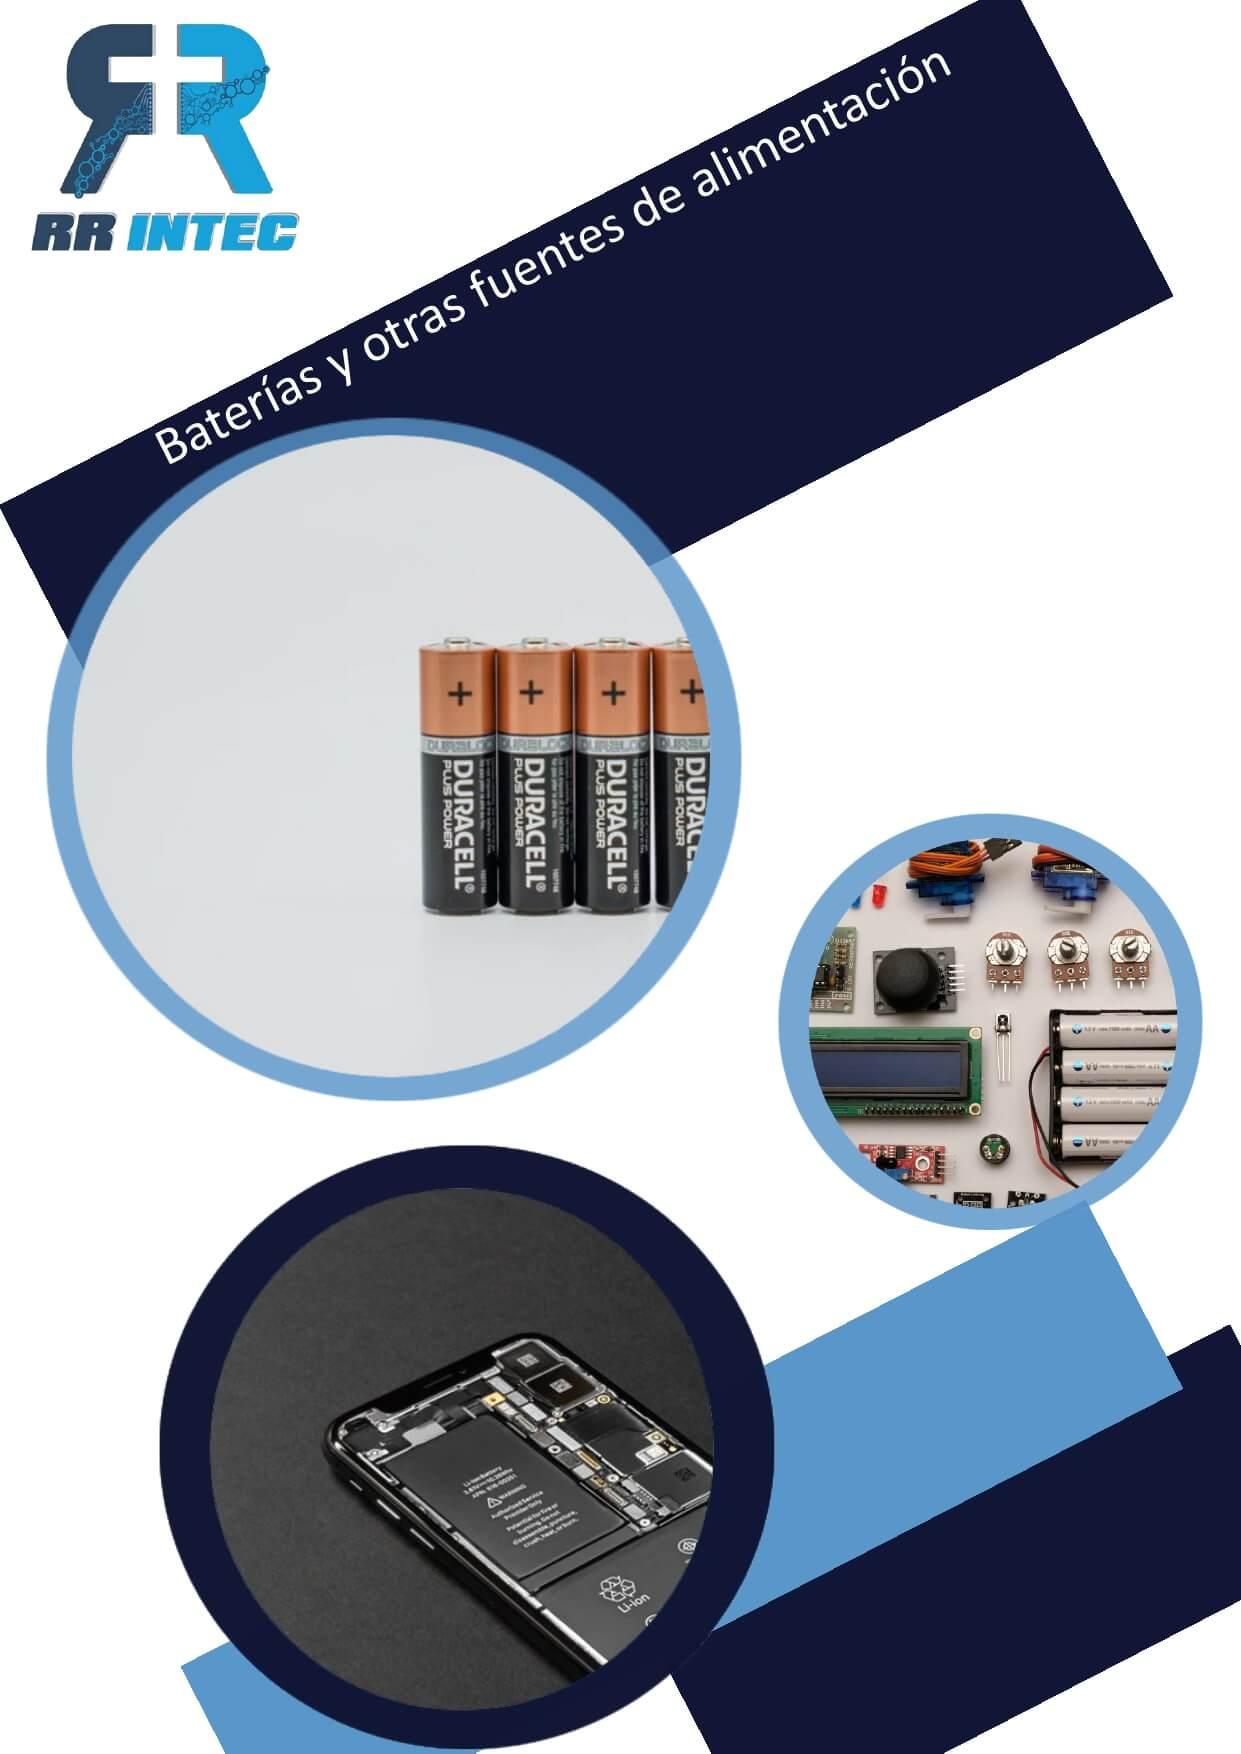 12. Baterias y otras fuentes de alimentación